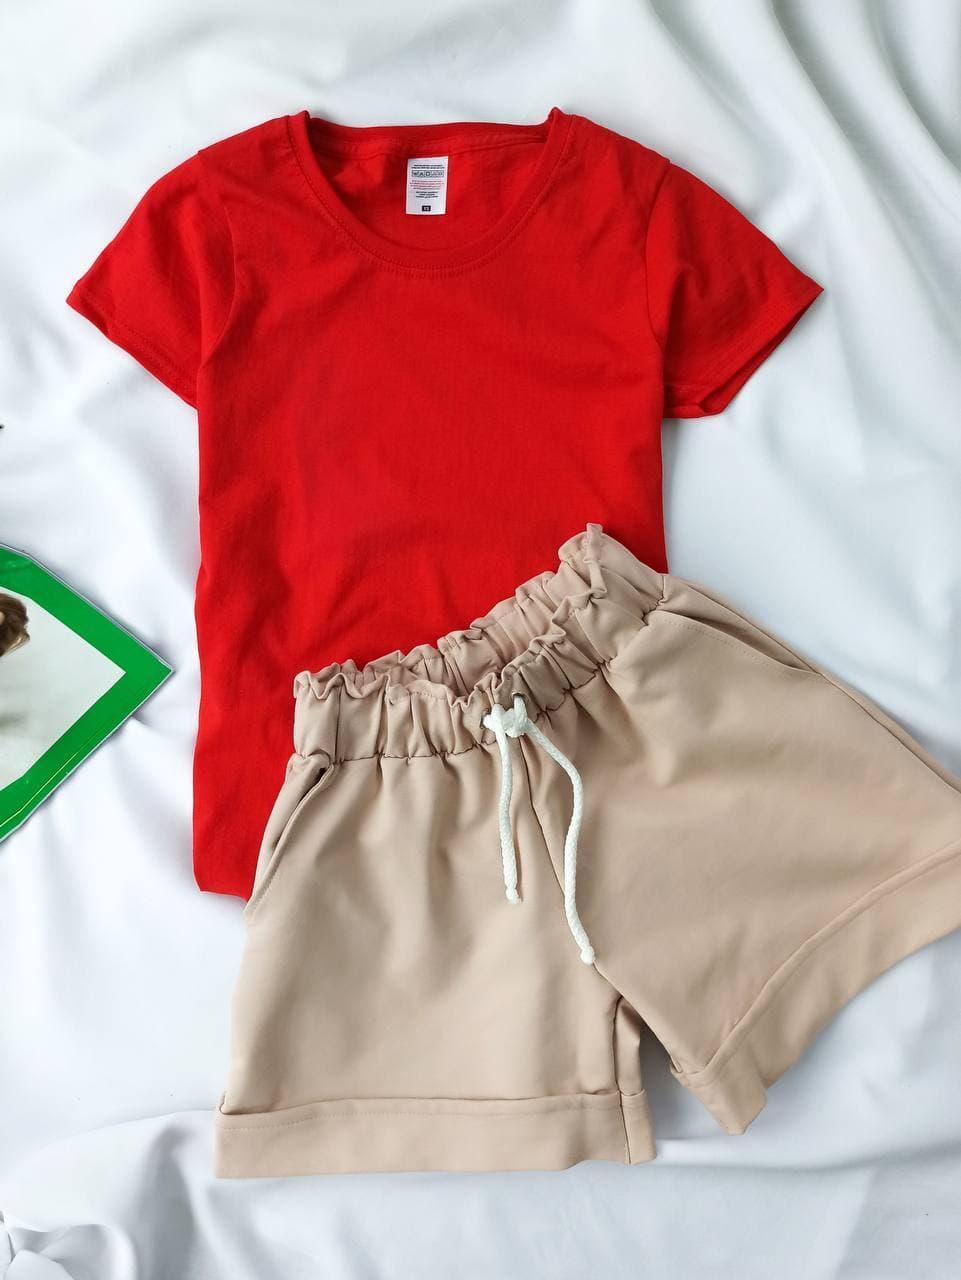 Комплект жіночий базовий (шорти і футболка). Жіночий літній костюм (червона футболка + бежеві шорти).